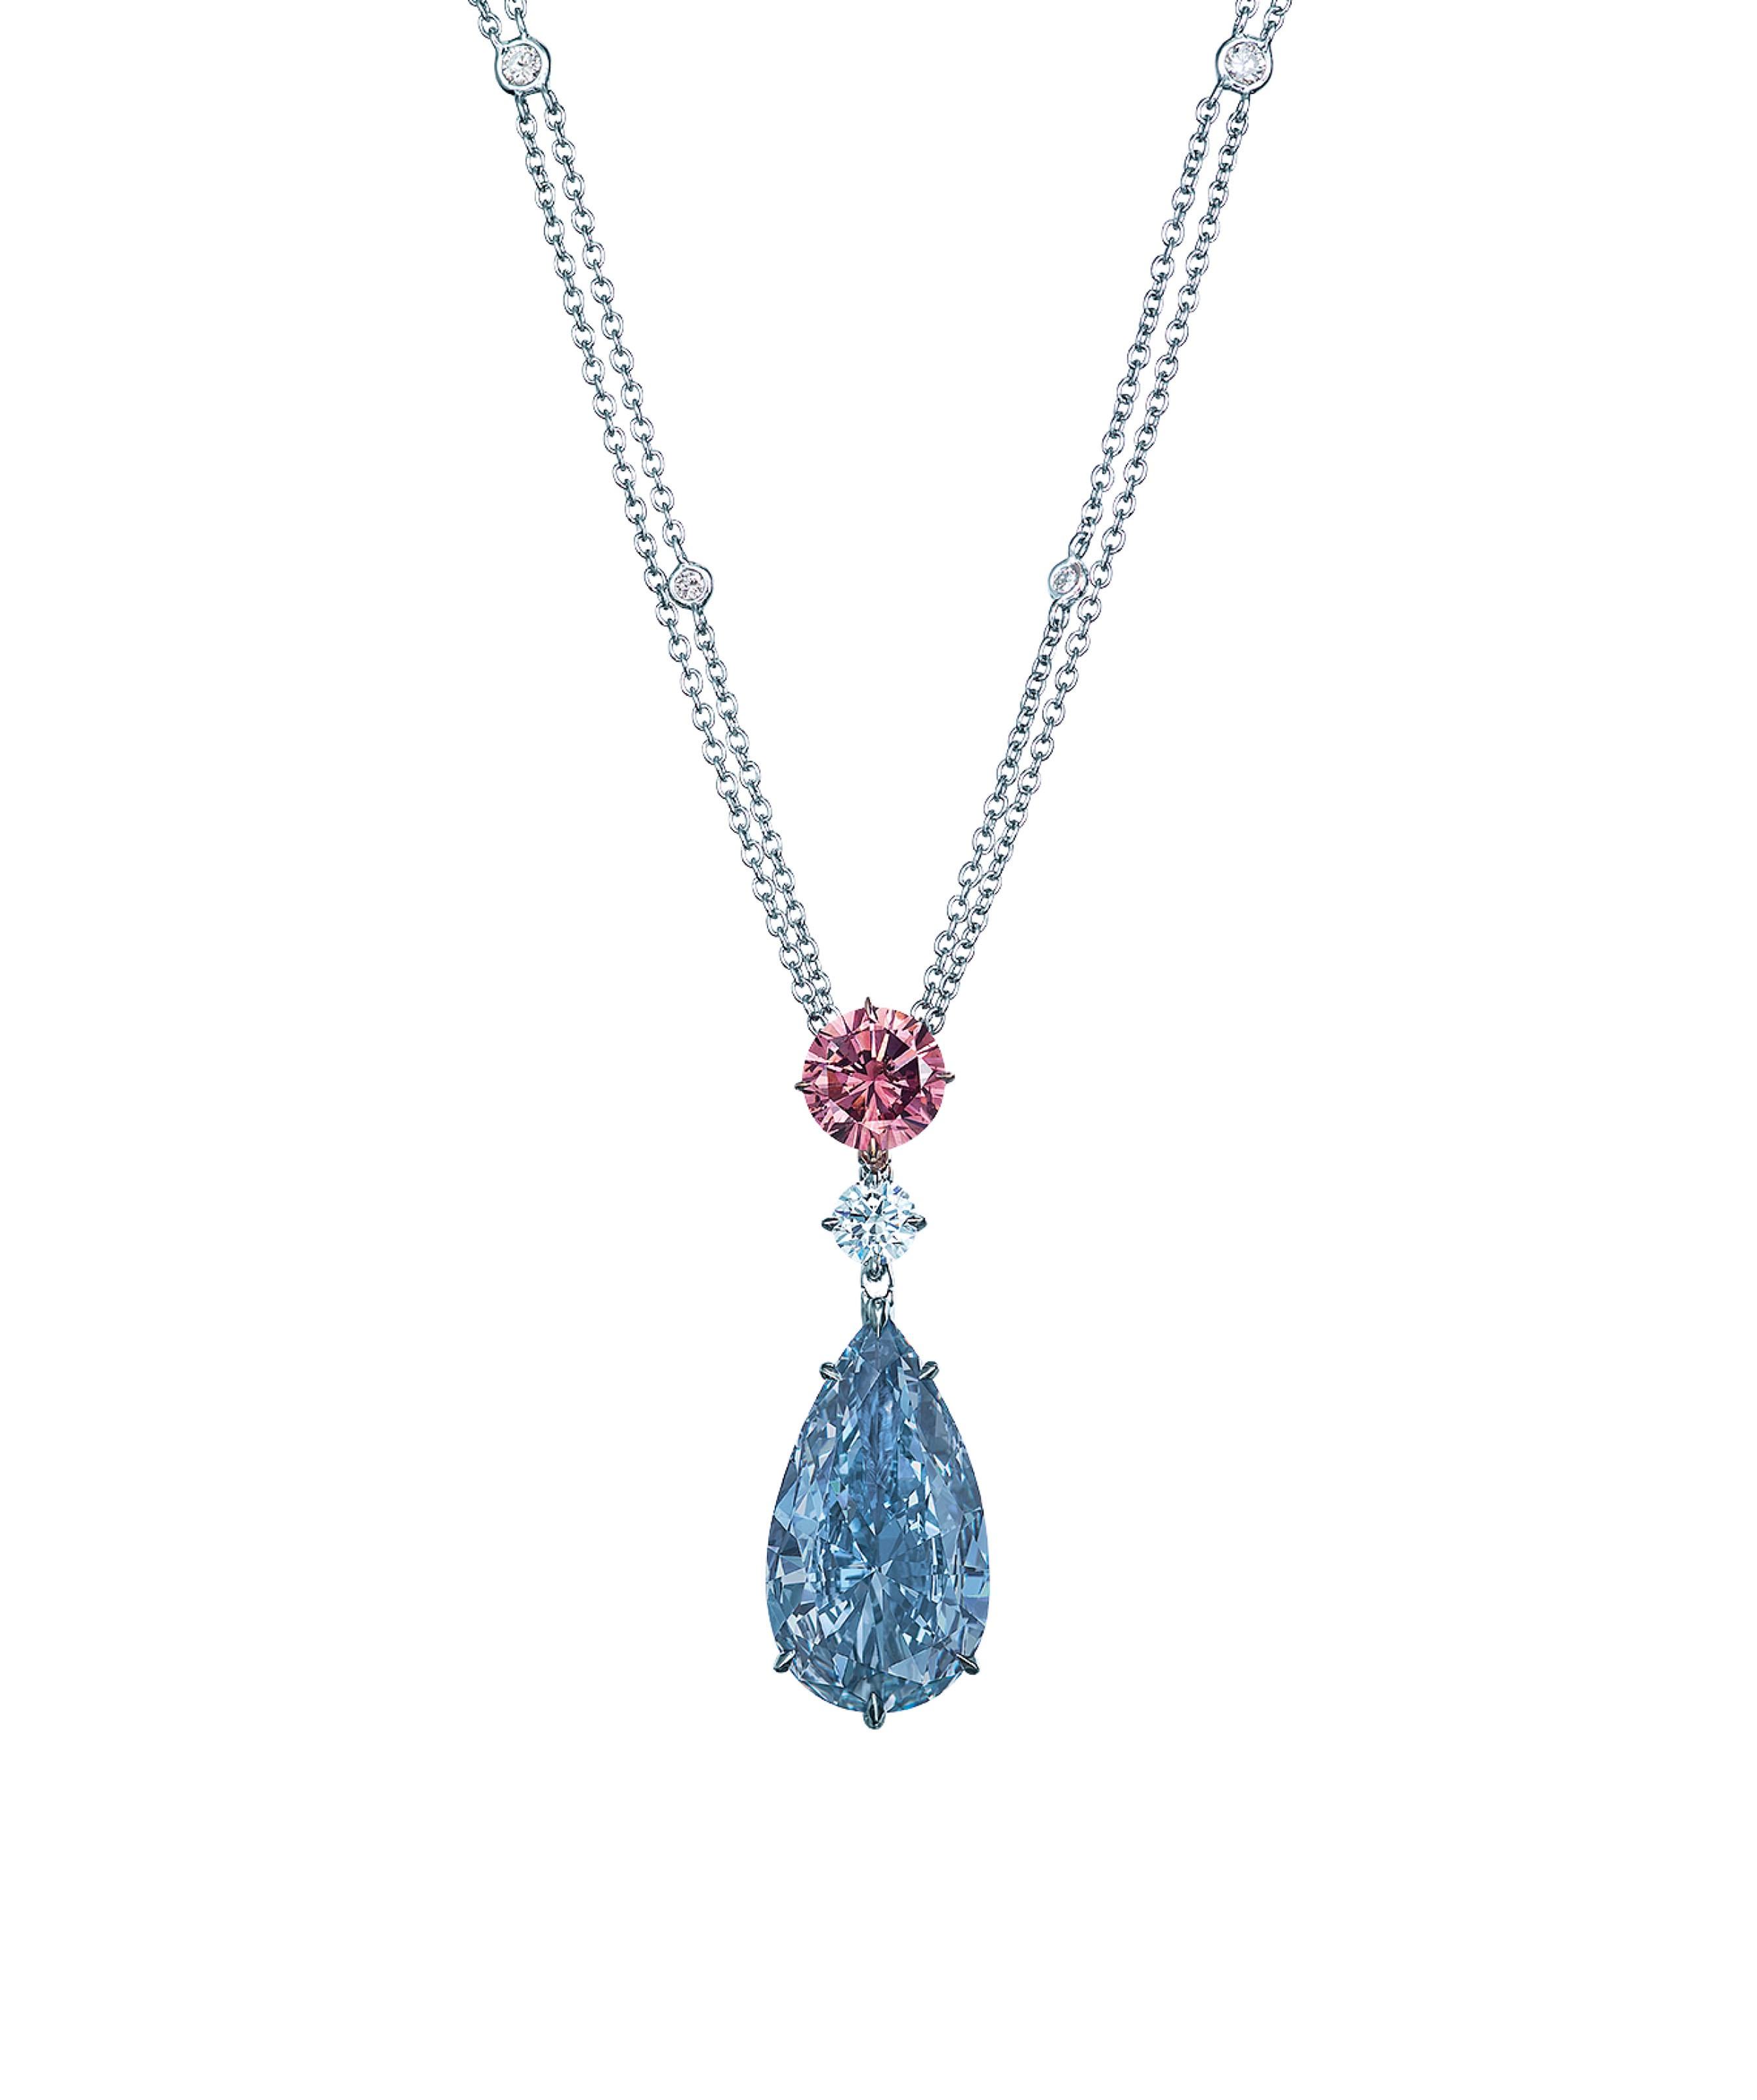 8.01克拉鲜彩蓝色IF钻石吊坠项链,Moussaieff设计 。此拍品于2018年5月29日在佳士得香港瑰丽珠宝及翡翠首饰中以159,850,000港元成交。